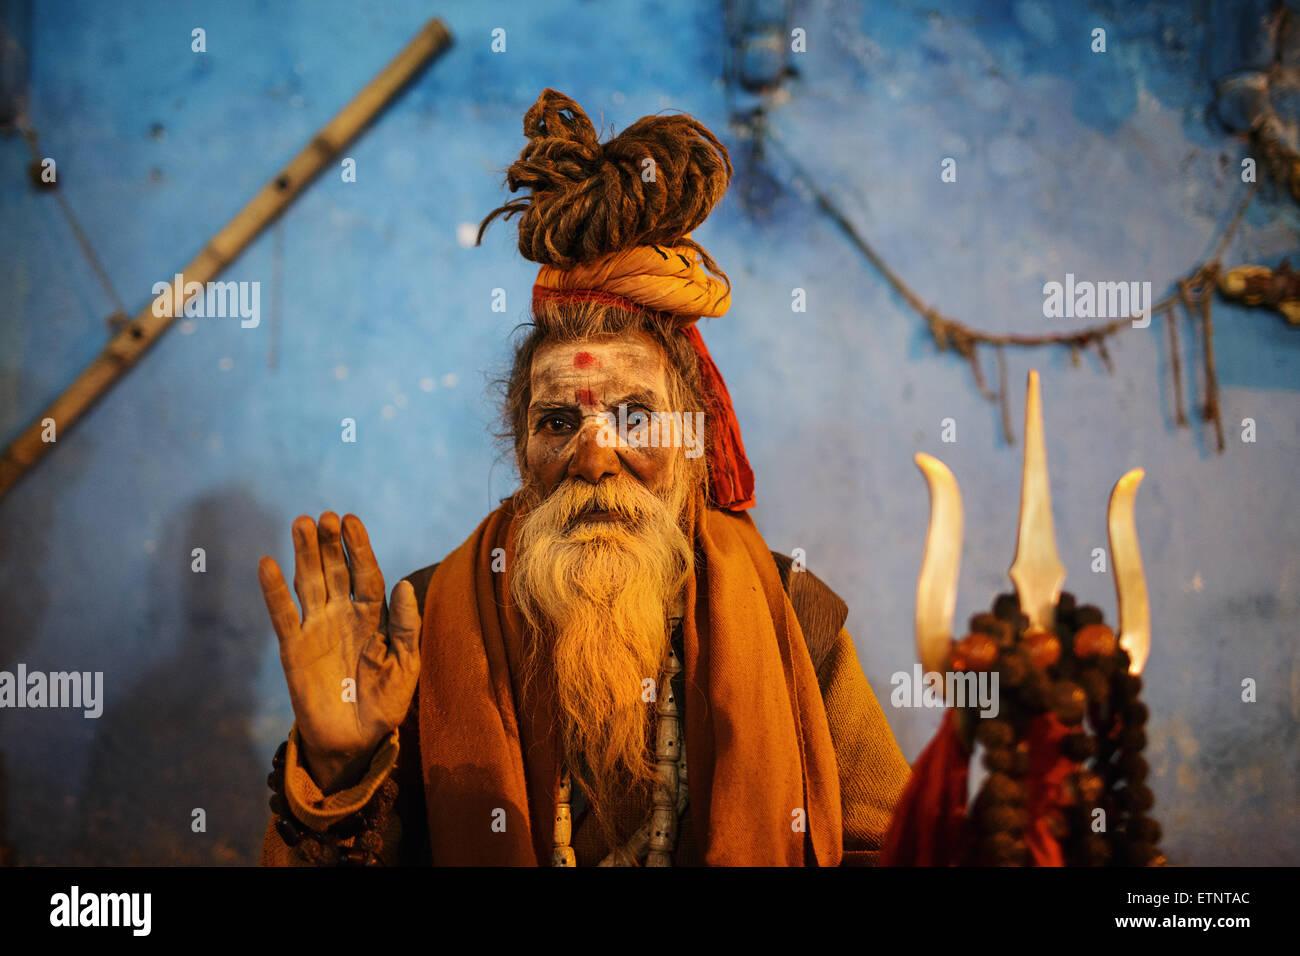 Un vieil homme barbu (Sadhu) portant tenue traditionnelle pose pour une photo de nuit à Varanasi, Inde. Photo Stock